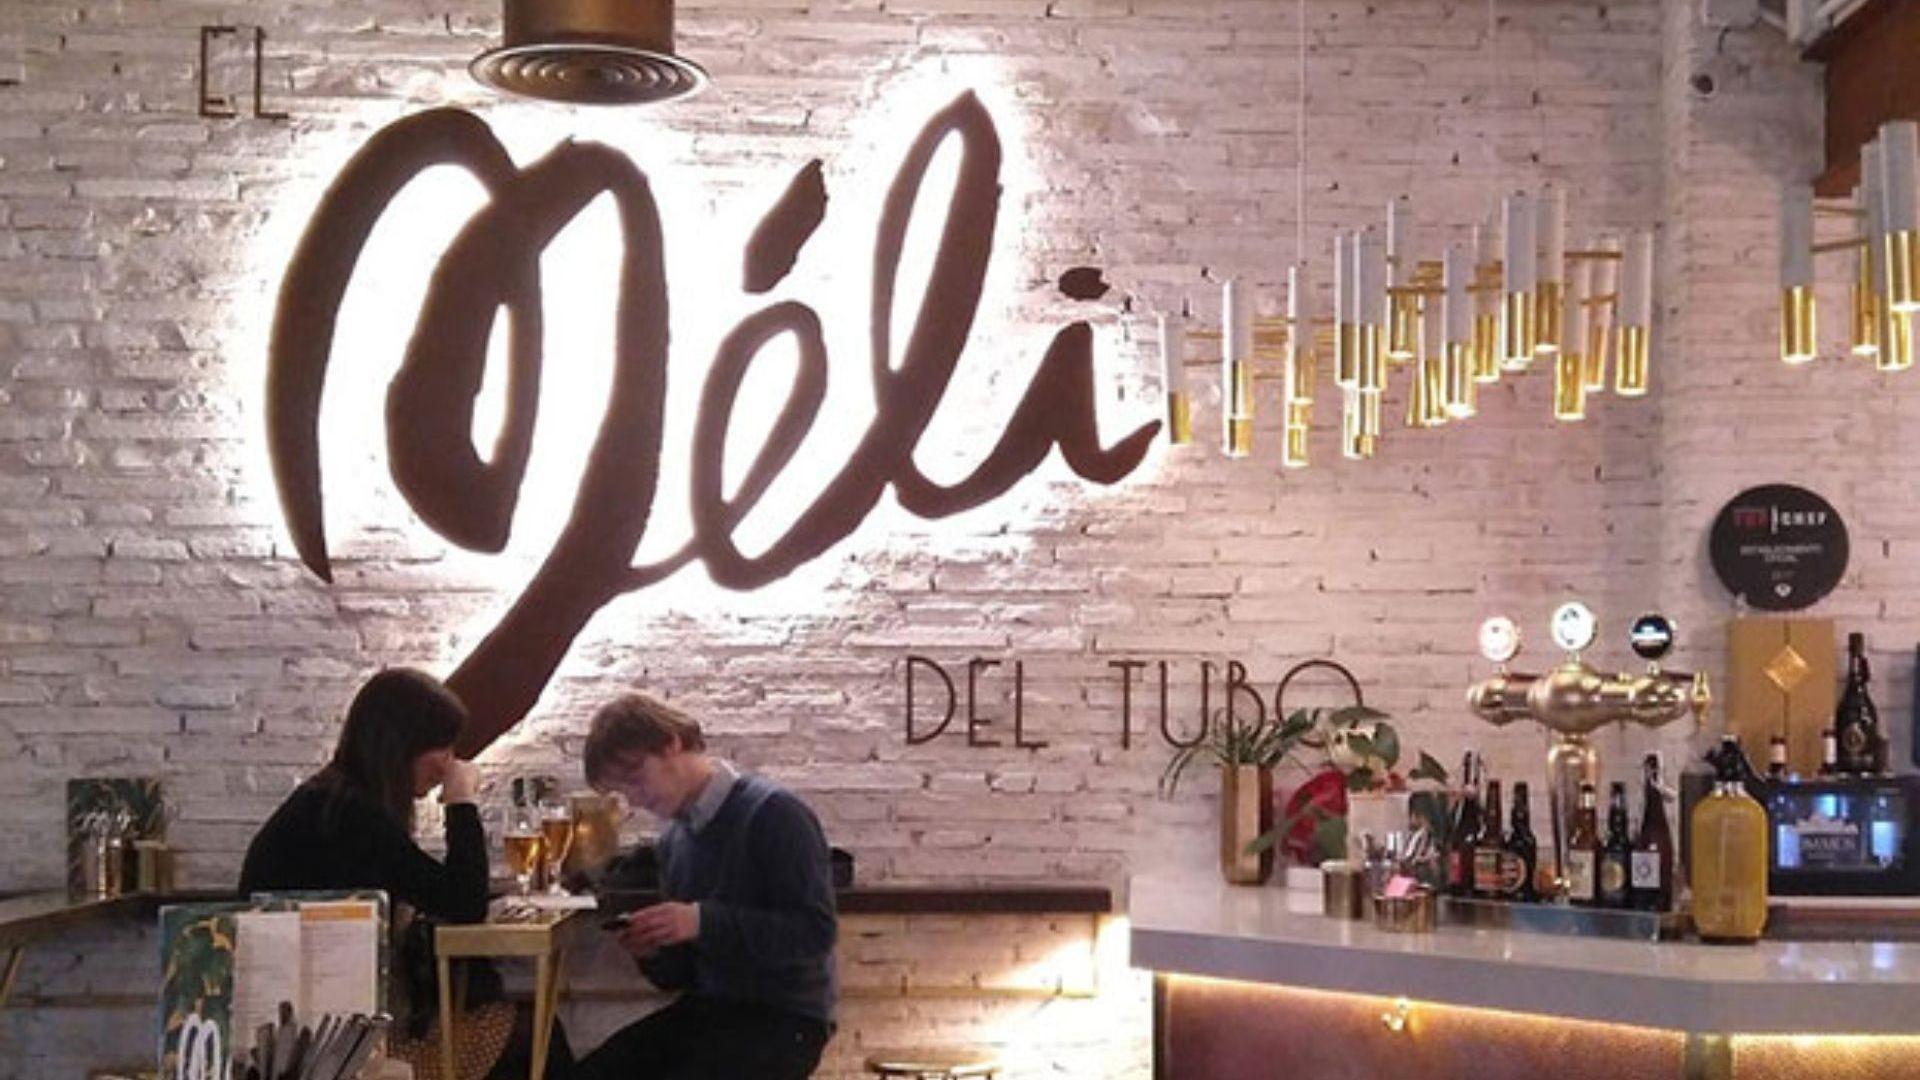 Meli Melo del Tubo de Zaragoza